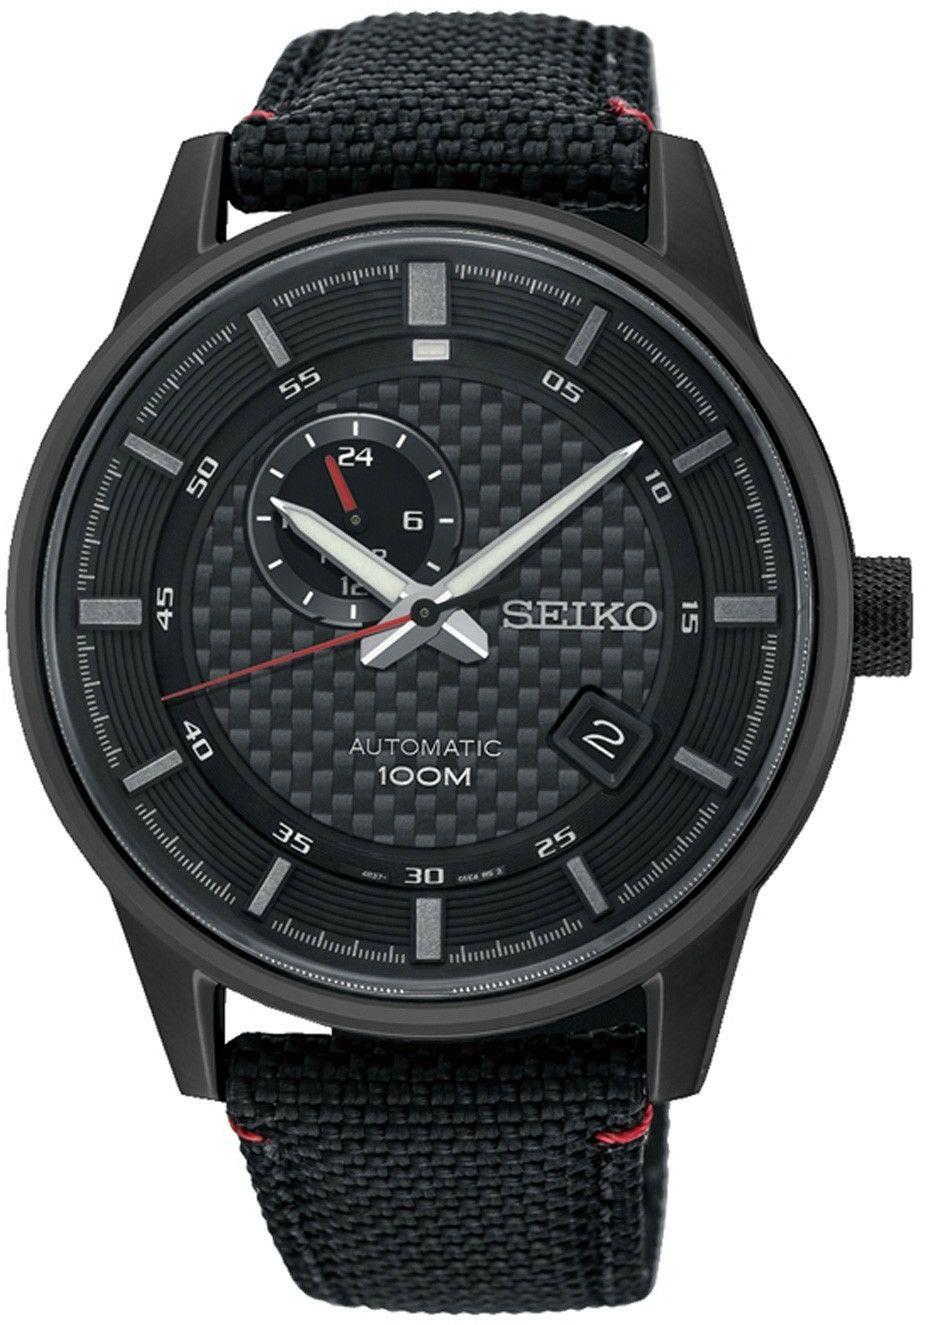 Seiko analoge Automatikuhr SSA383K1 (Glasboden, Datumsanzeige, 24-Stunden-Anzeige, wasserdicht bis 10 bar, Leuchtzeiger) schwarz